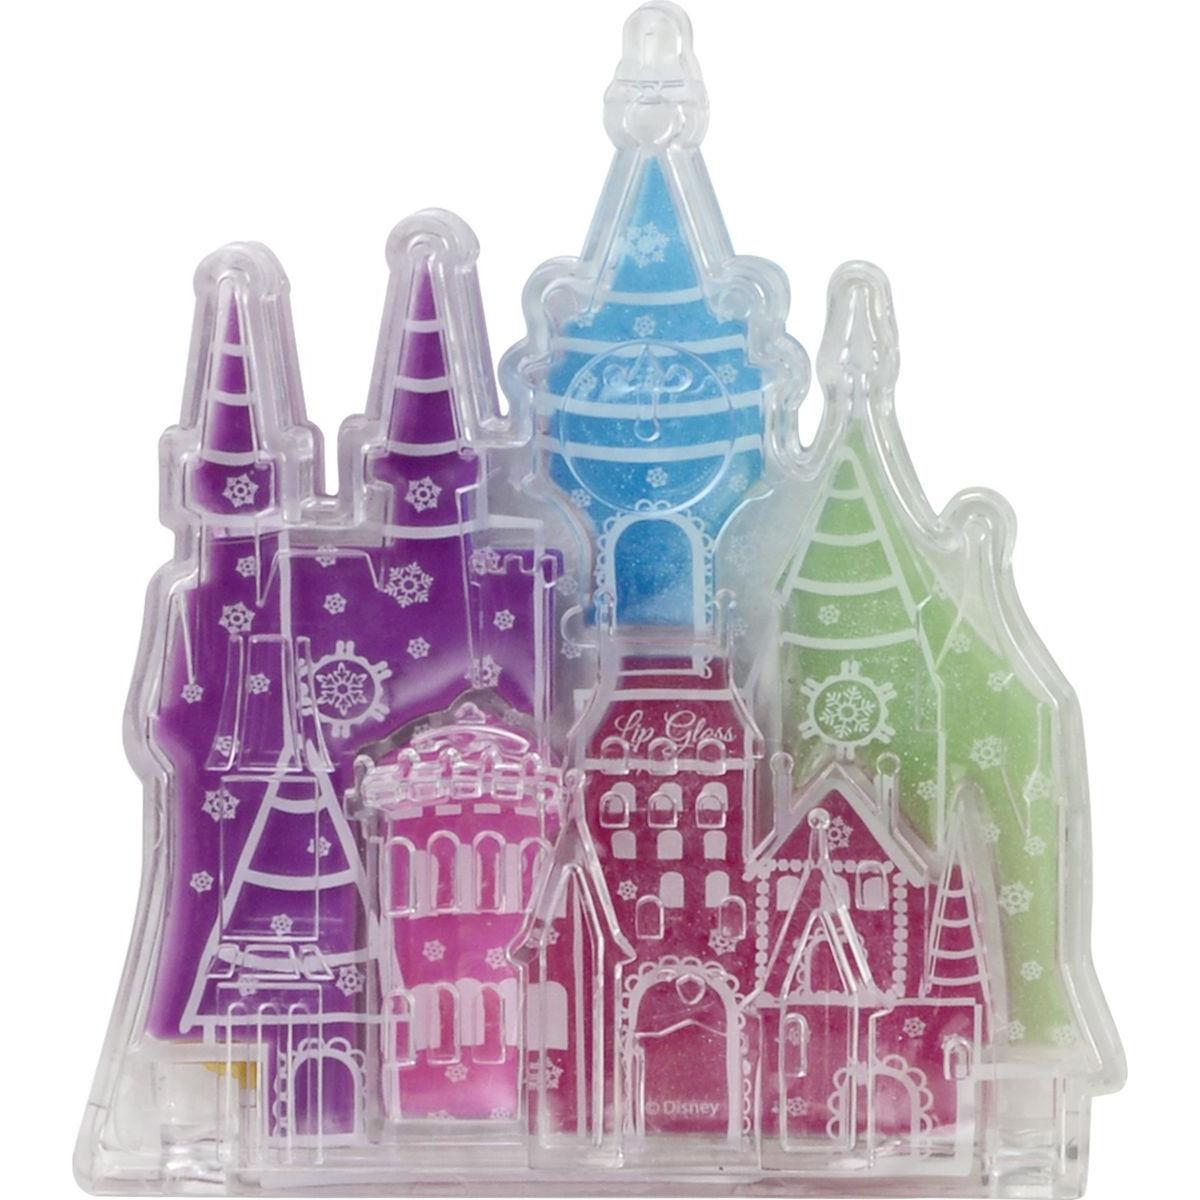 Игровой набор детской декоративной косметики в замке Princess - АриэльЮная модница, салон красоты<br>Игровой набор детской декоративной косметики в замке Princess - Ариэль<br>